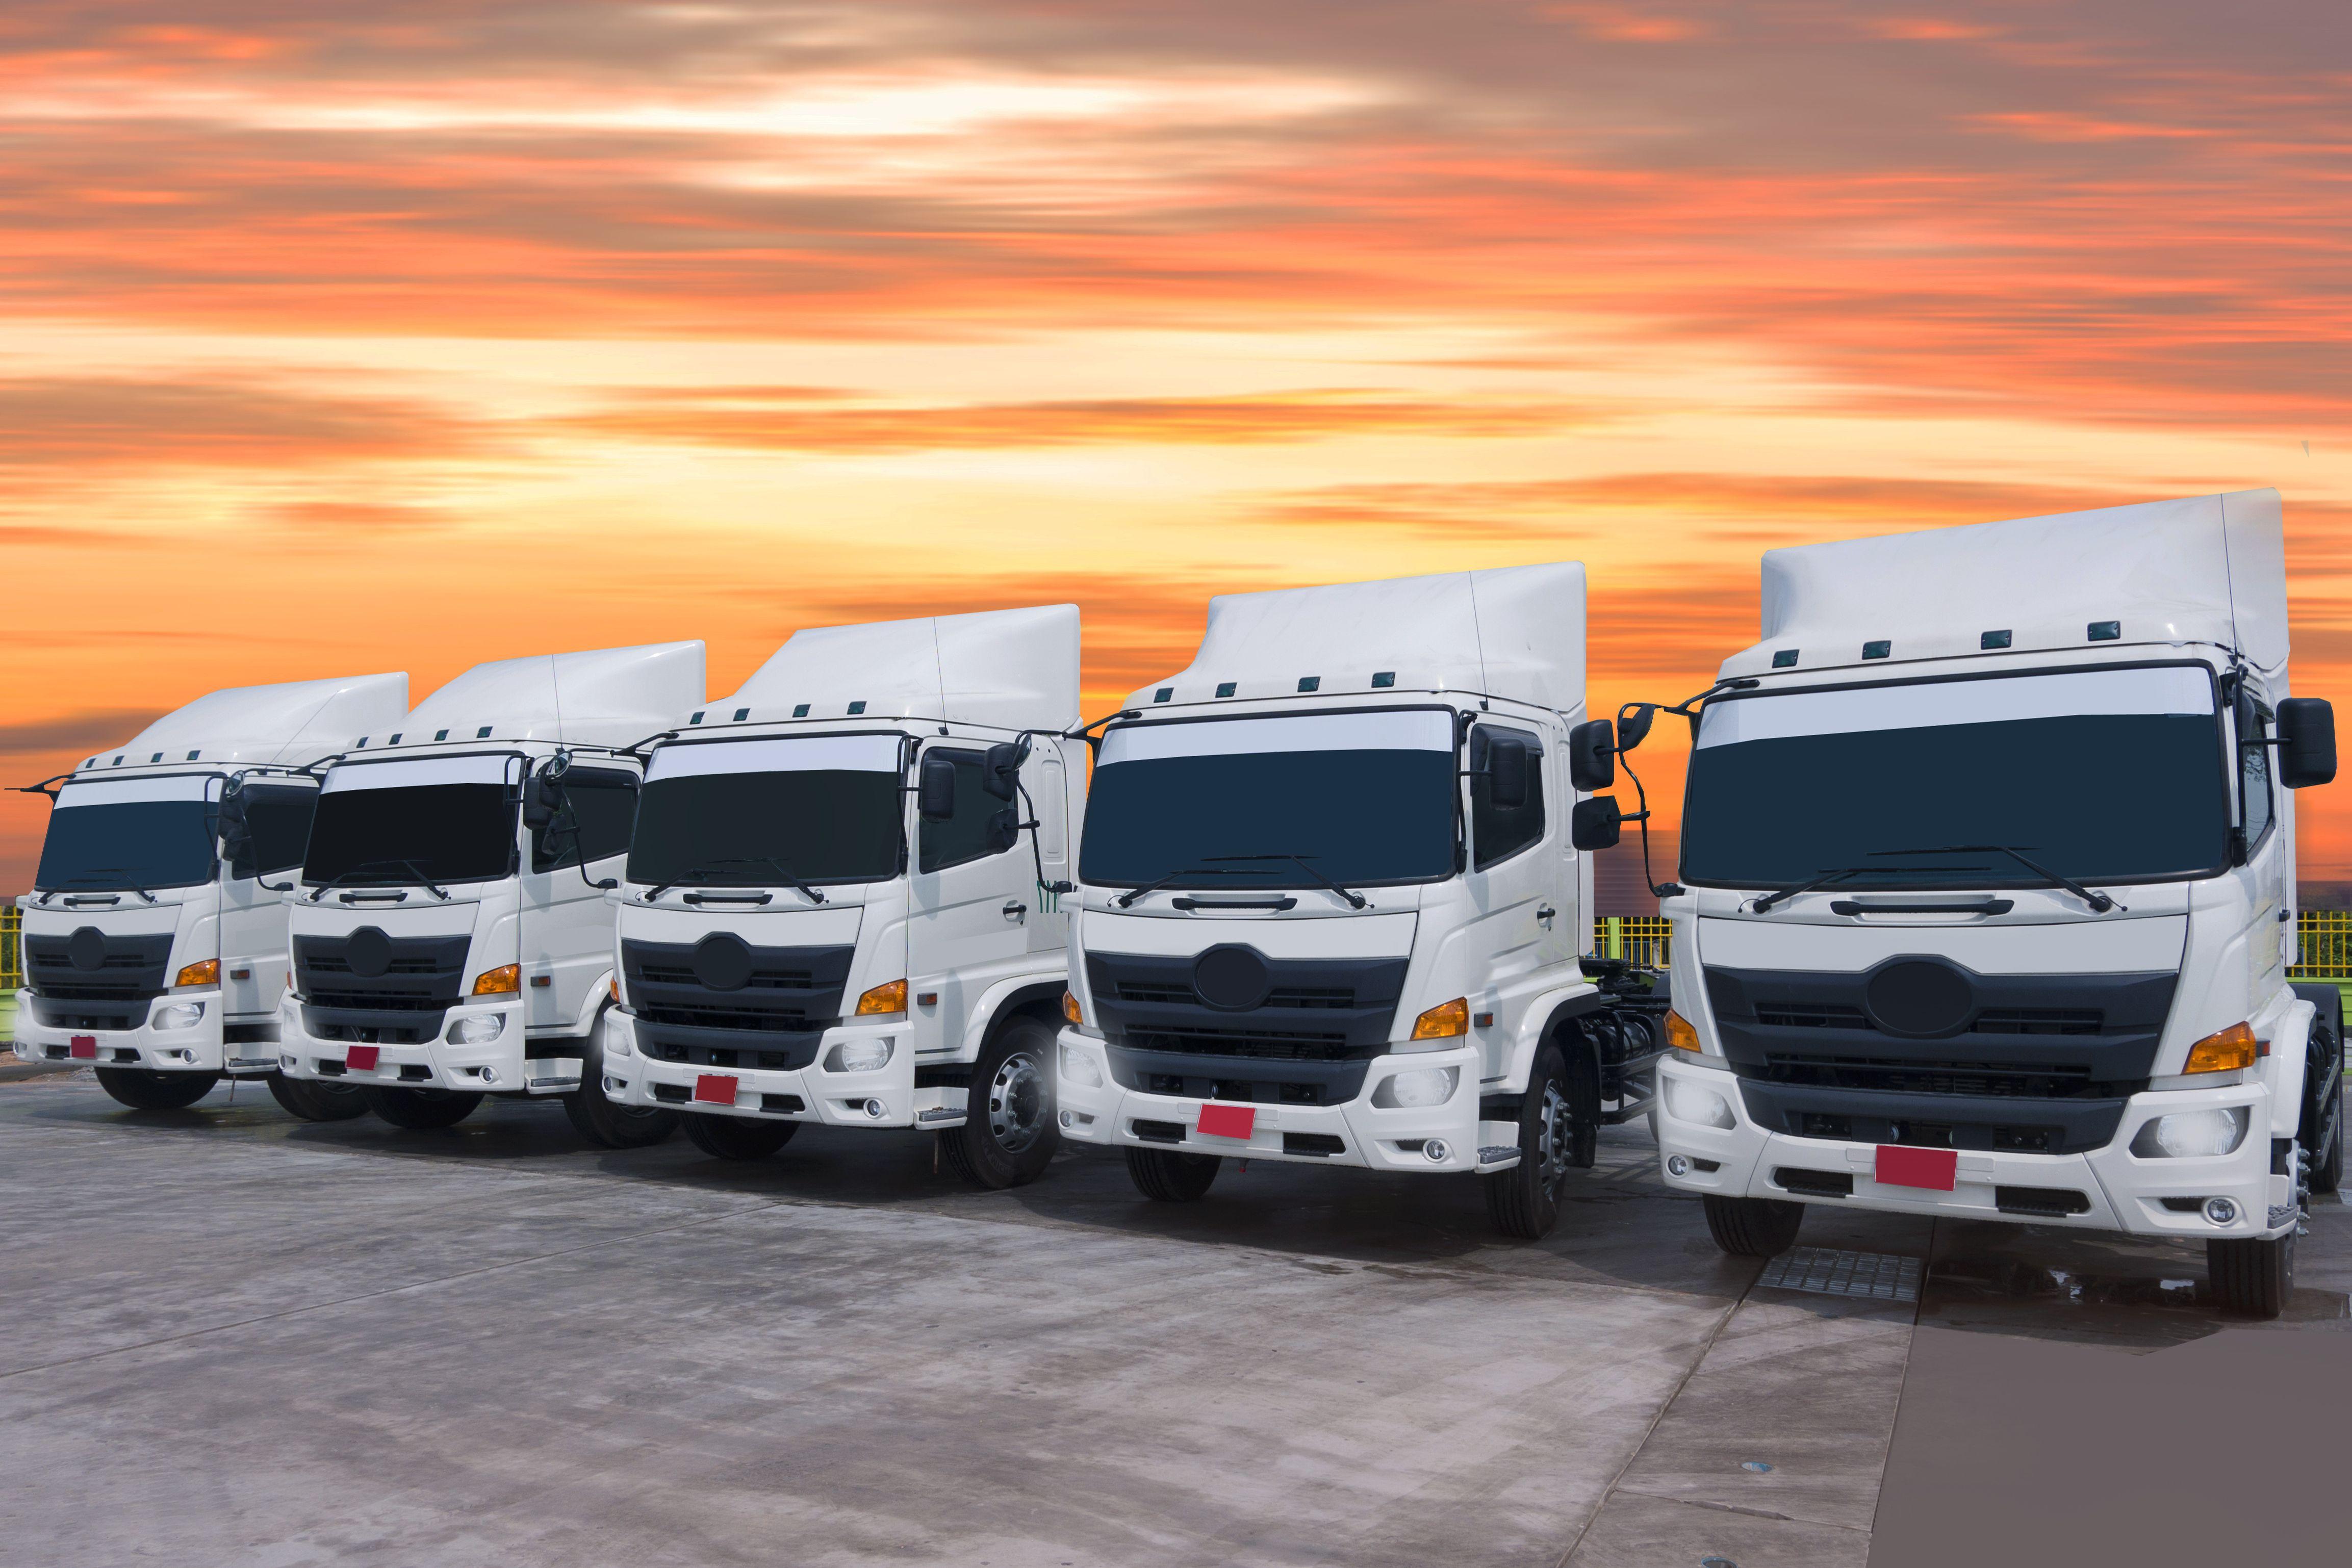 Flota de vehículos: Catálogo de Transportes Peña